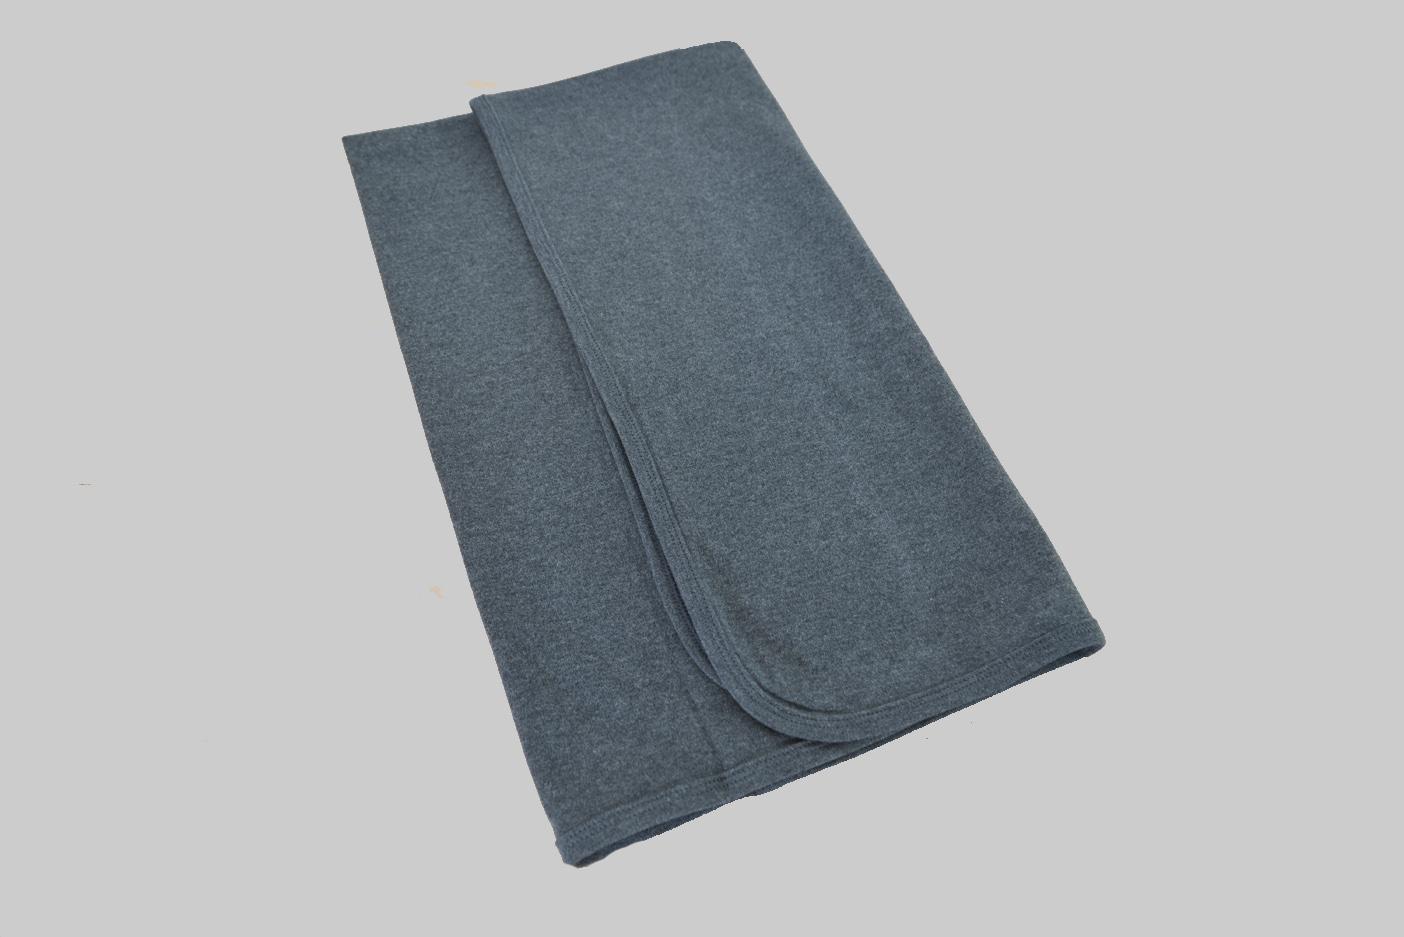 Dark Gray Receiving Blanket